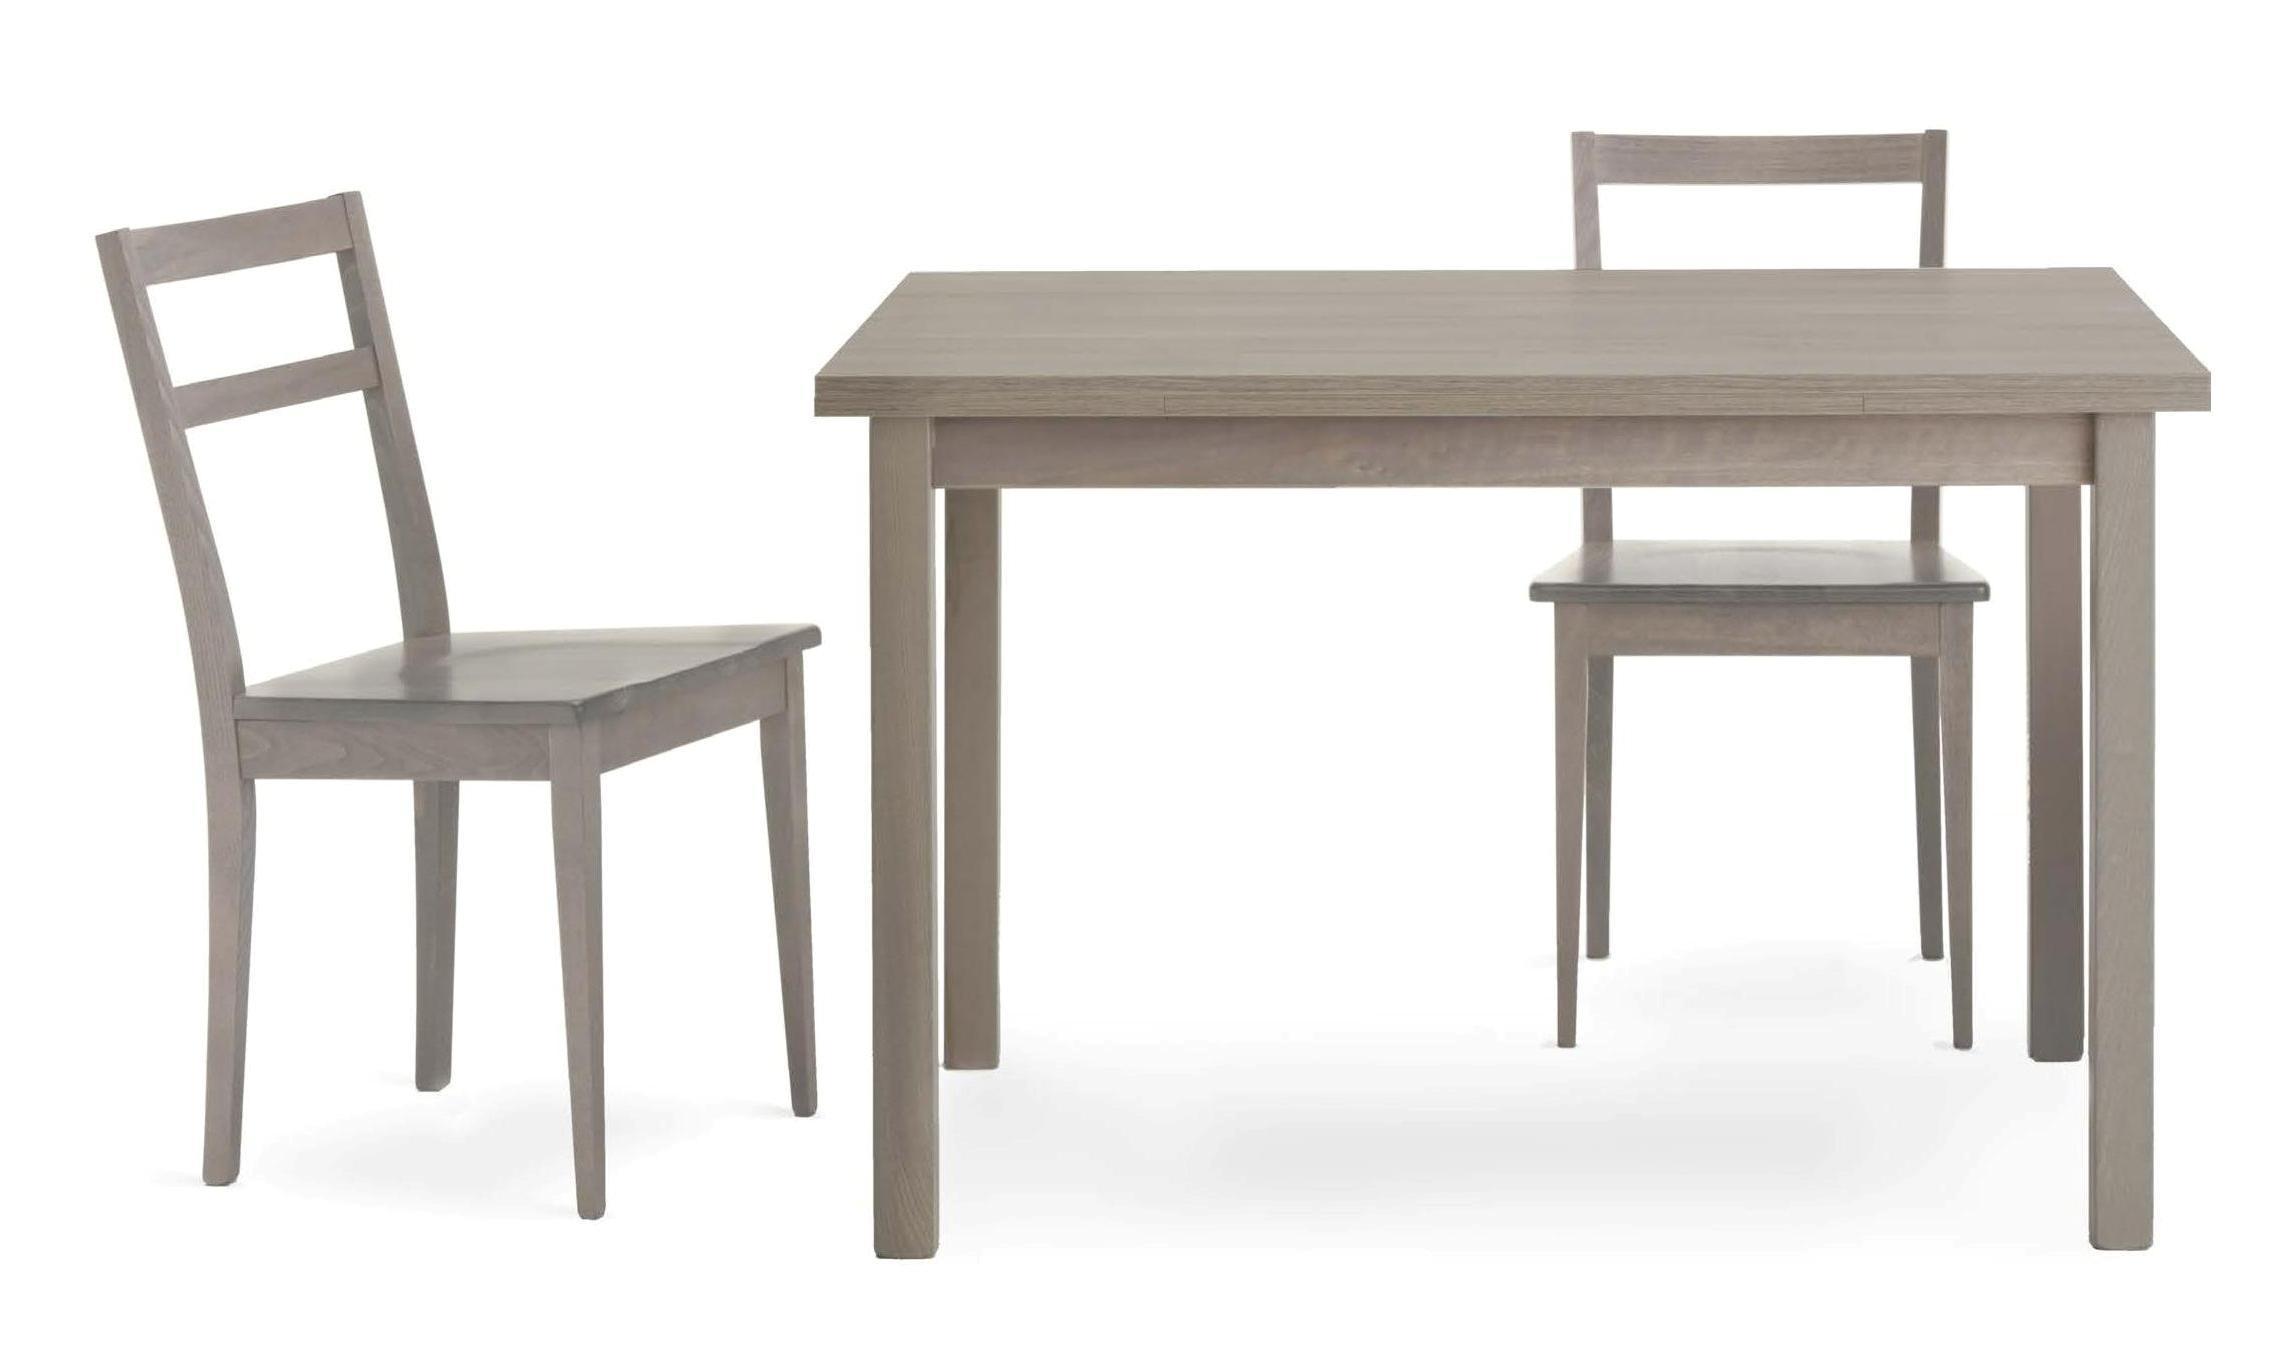 Tavolo cucina allungabile economico casamia idea di immagine - Tavolo quadrato allungabile ikea ...